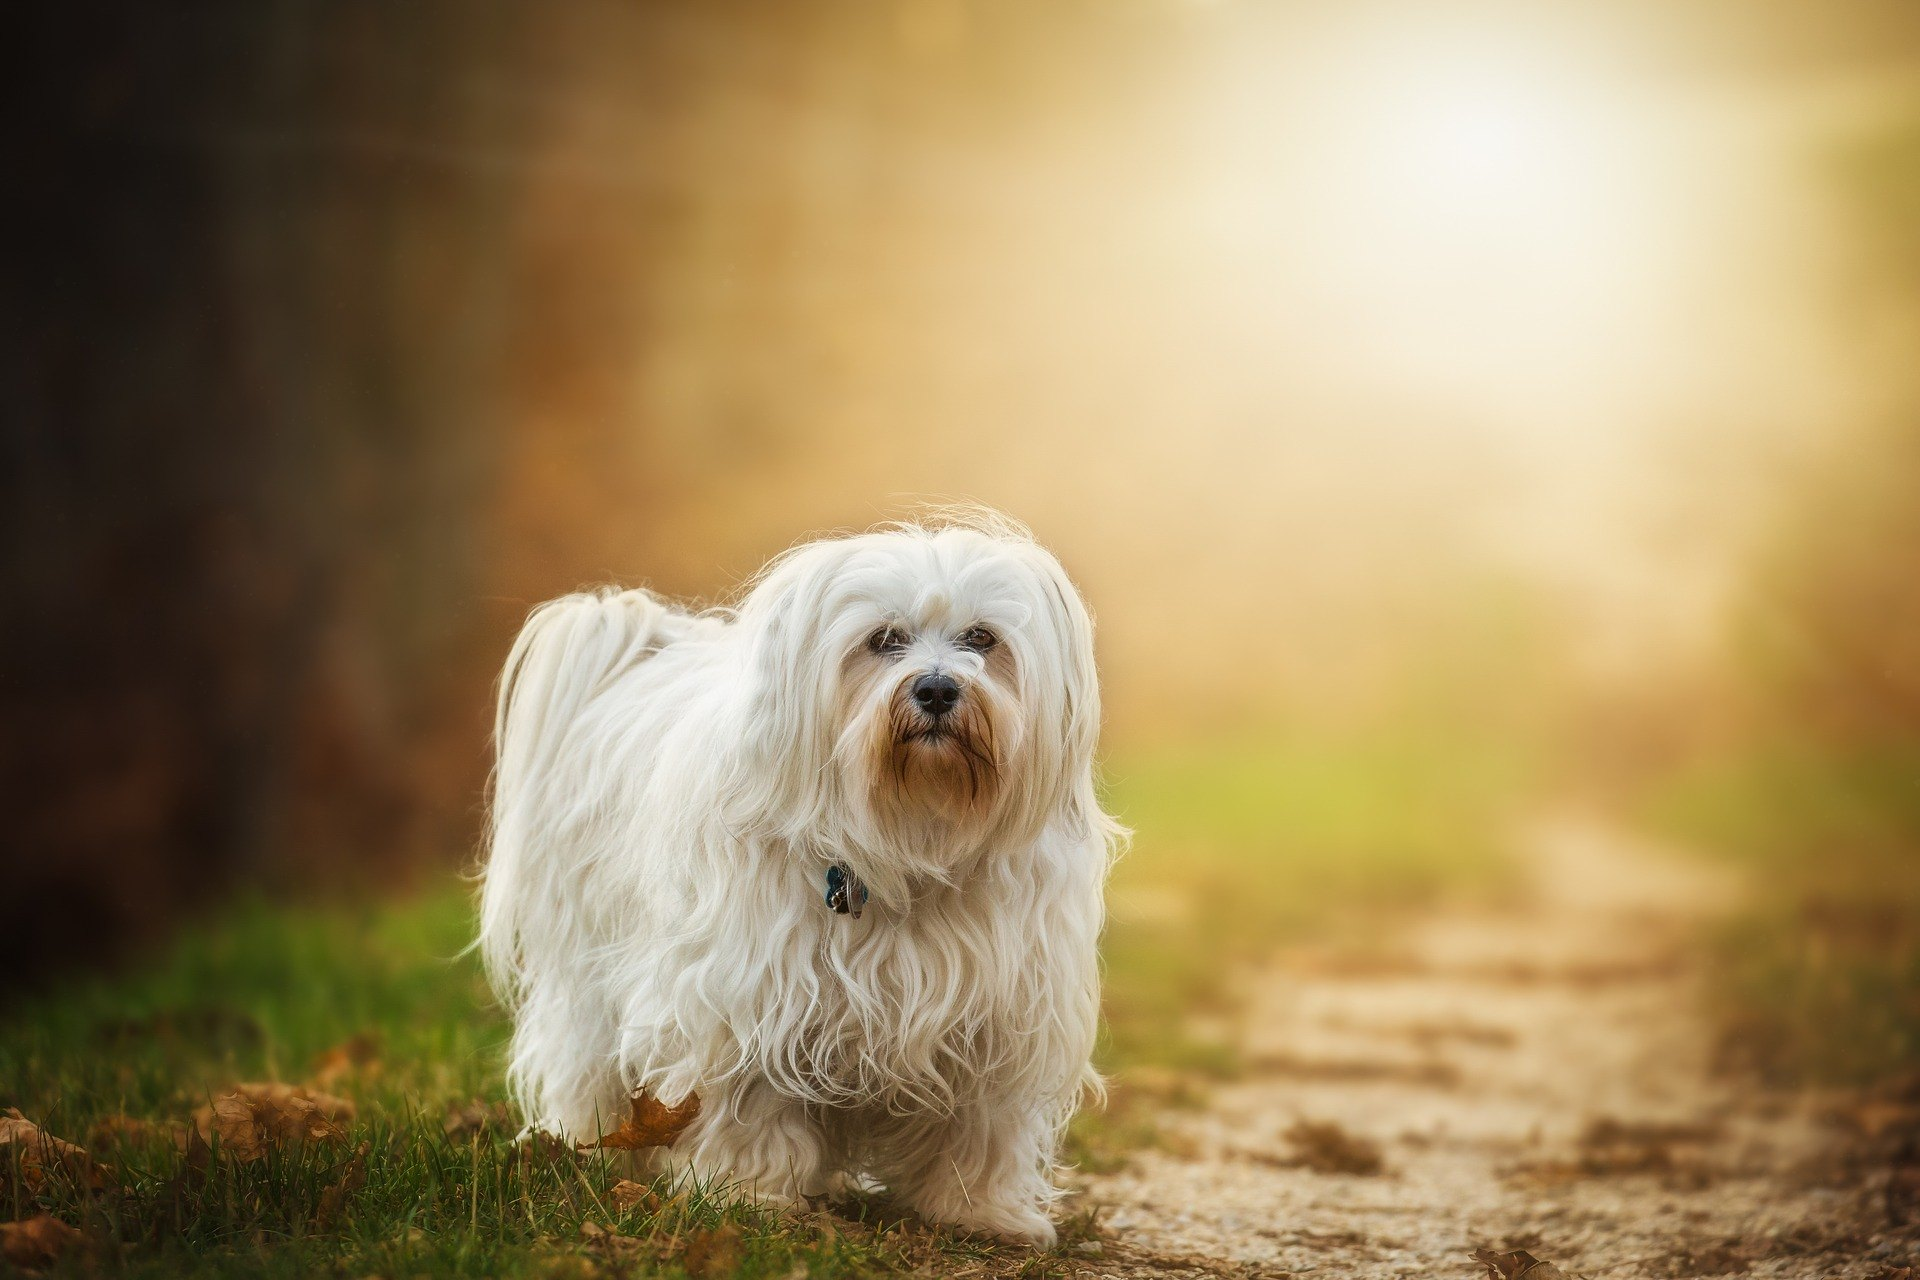 Havanský psík je spoločenský pes. Je mimoriadne prítulný, sympatický, veselý a energický. Hrá veľmi rád.